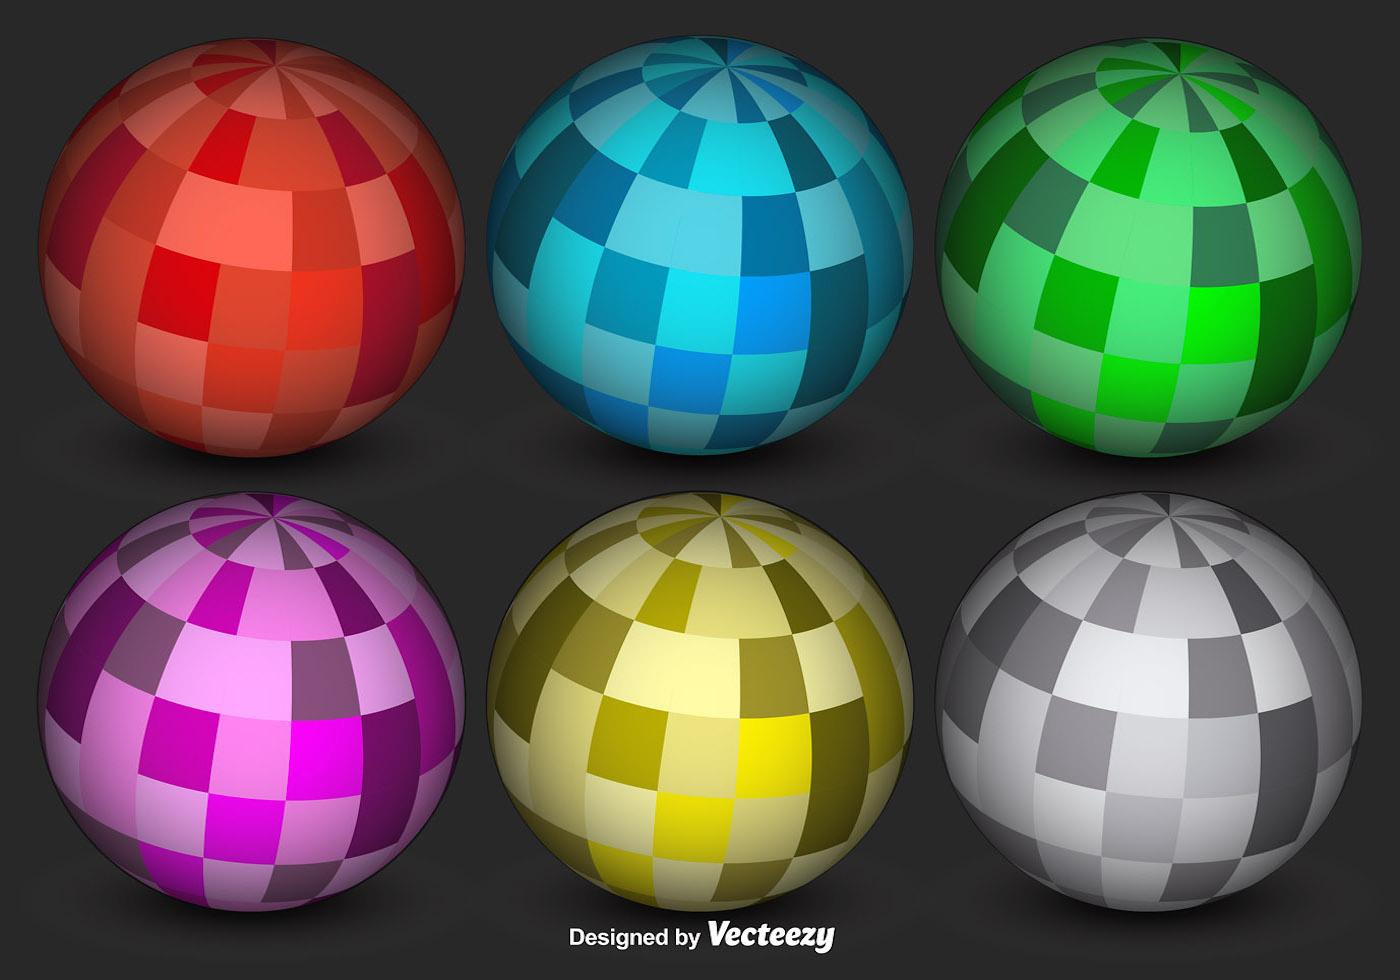 abstract 3d sphere vectors download free vector art vector spherical harmonics vector spherical harmonics c++